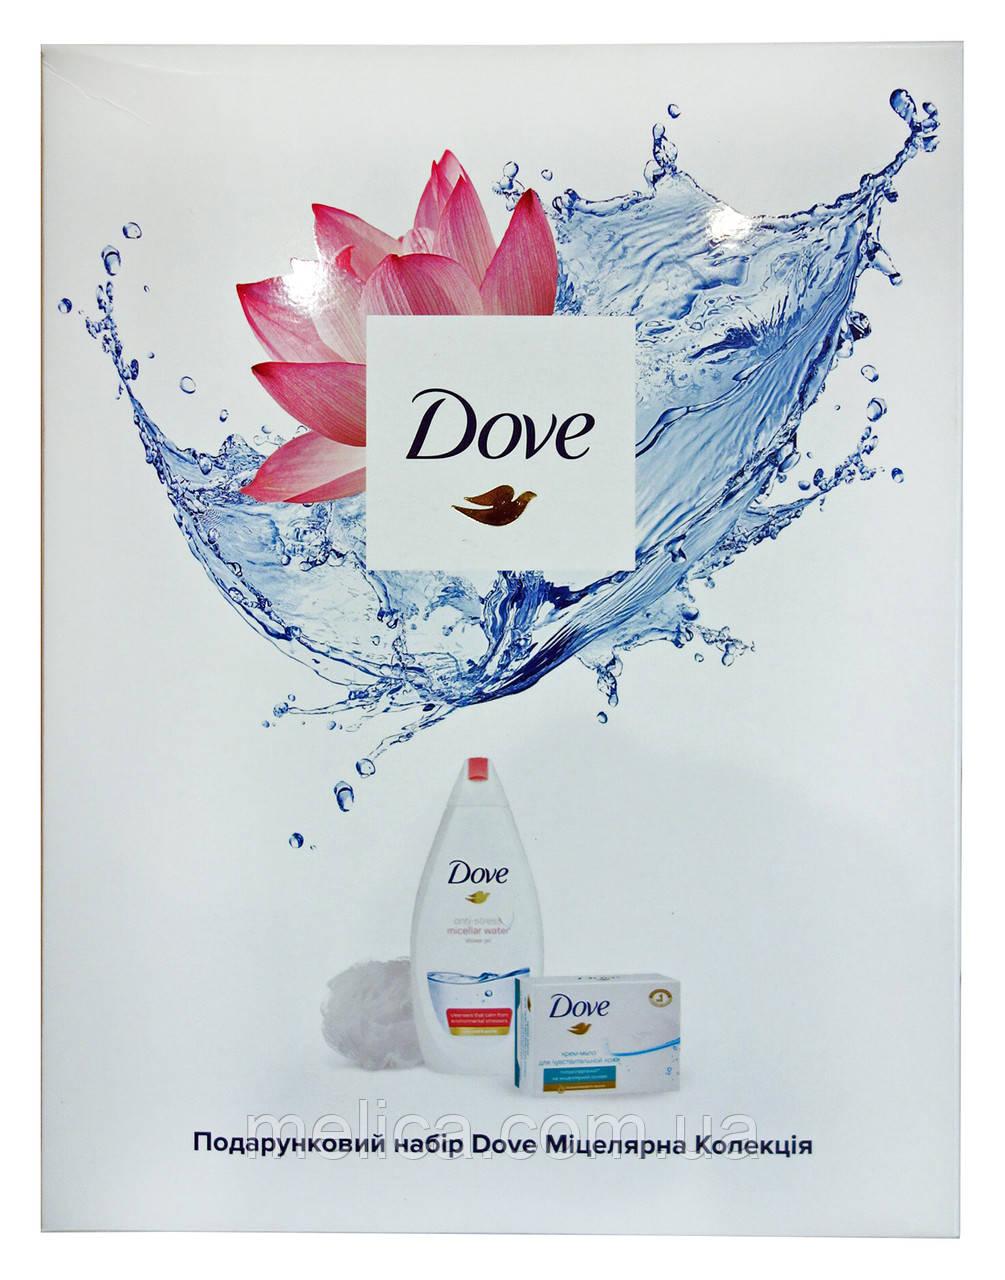 Подарочный набор Dove Мицеллярная коллекция (гель для душа + крем-мыло + мочалка)